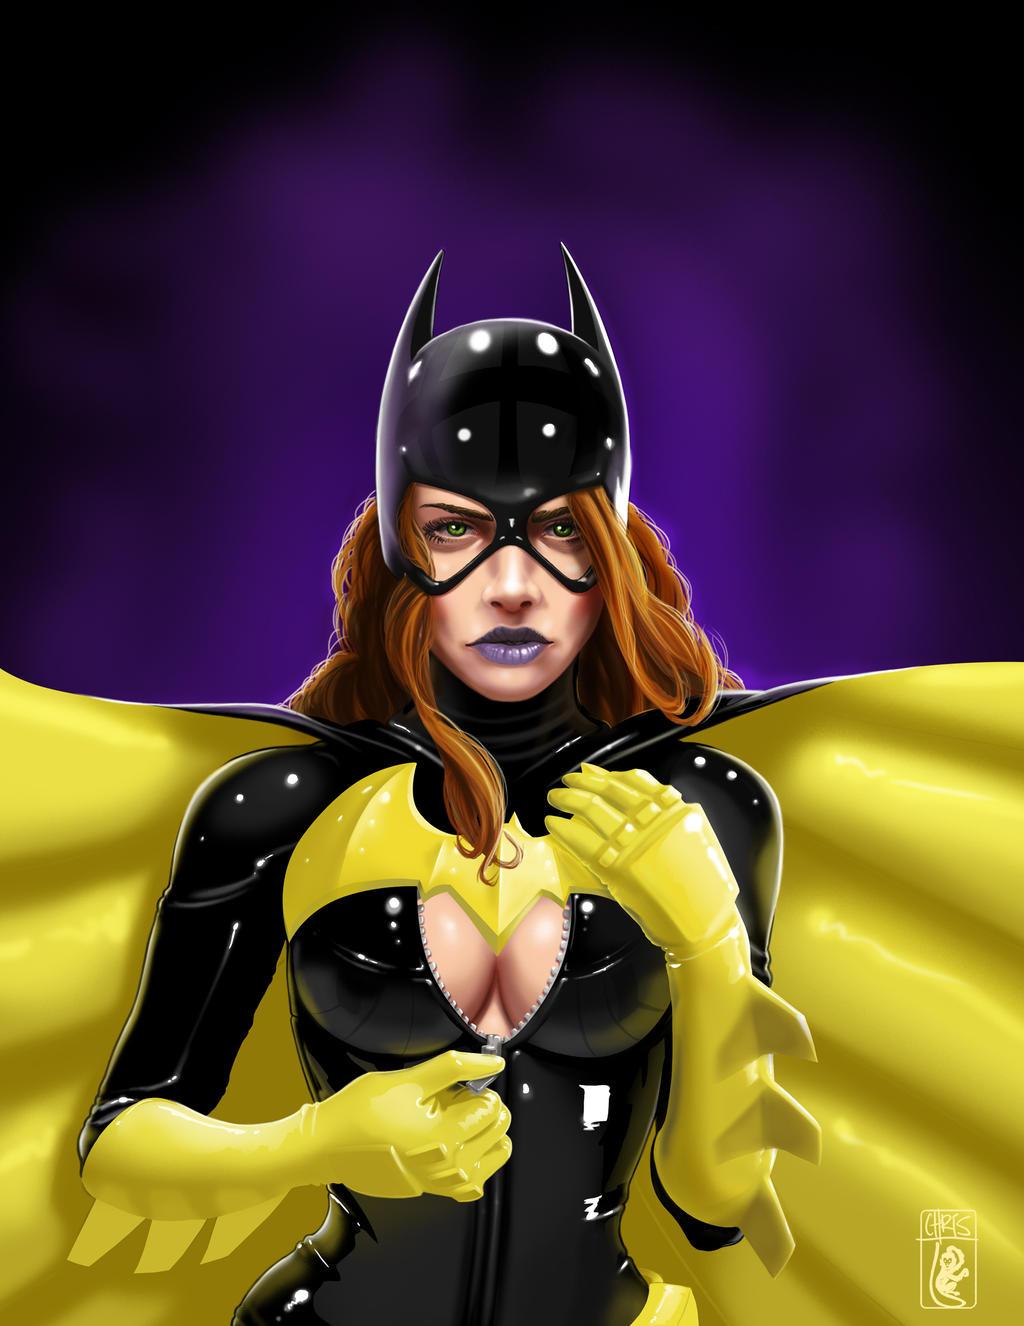 Naked catwoman lick batgirl boob naked download